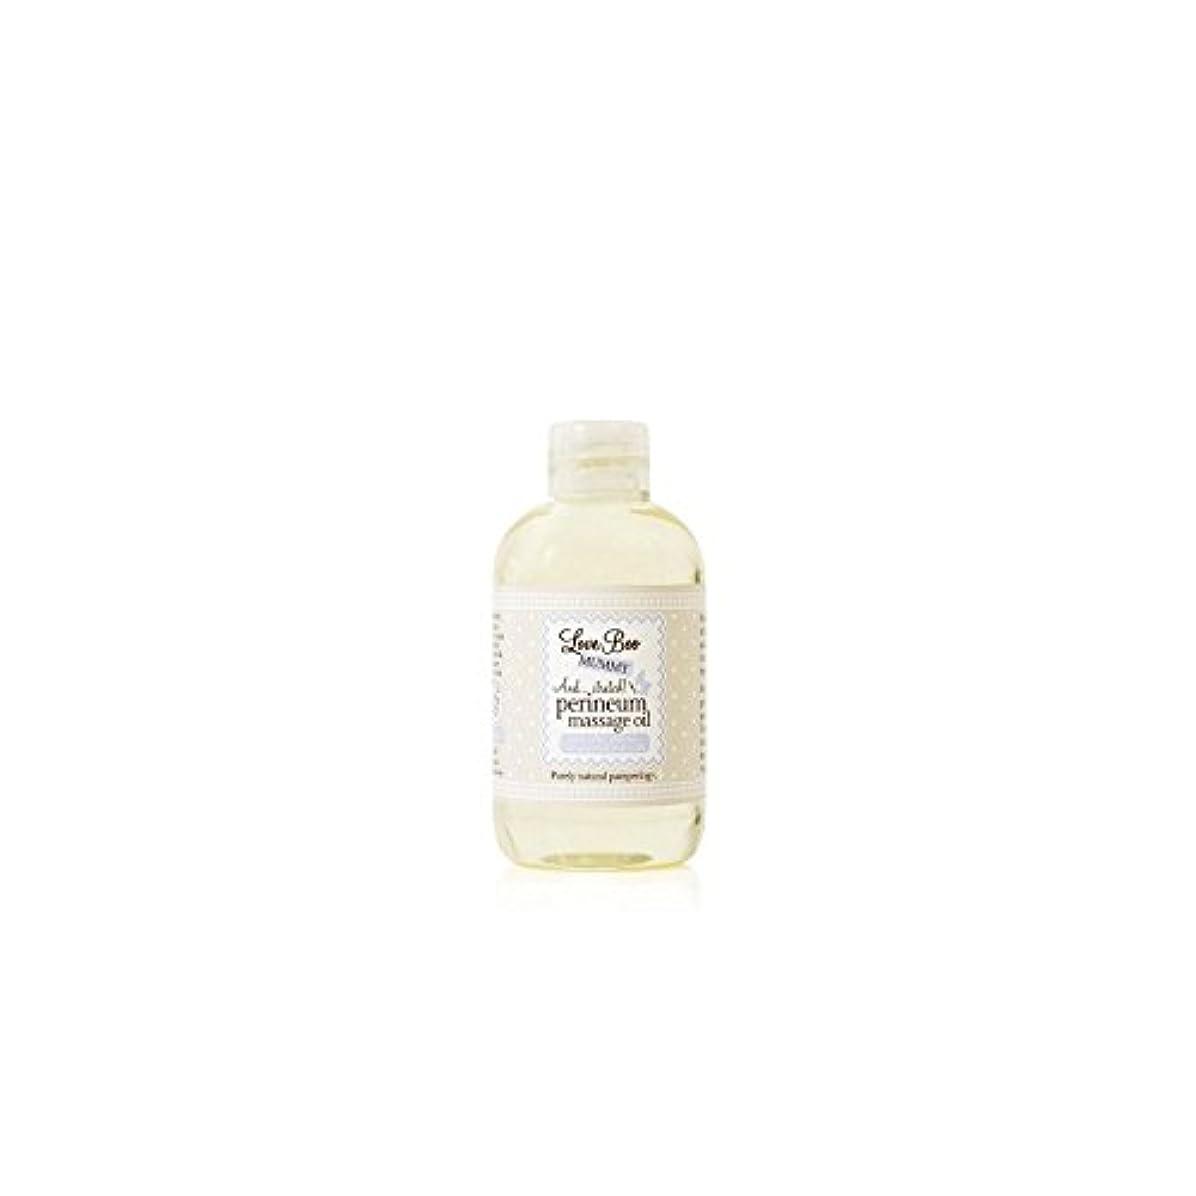 オピエート雑多な盲目Love Boo Perineum Massage Oil (100ml) (Pack of 6) - 会陰マッサージオイル(100)にブーイングの愛 x6 [並行輸入品]